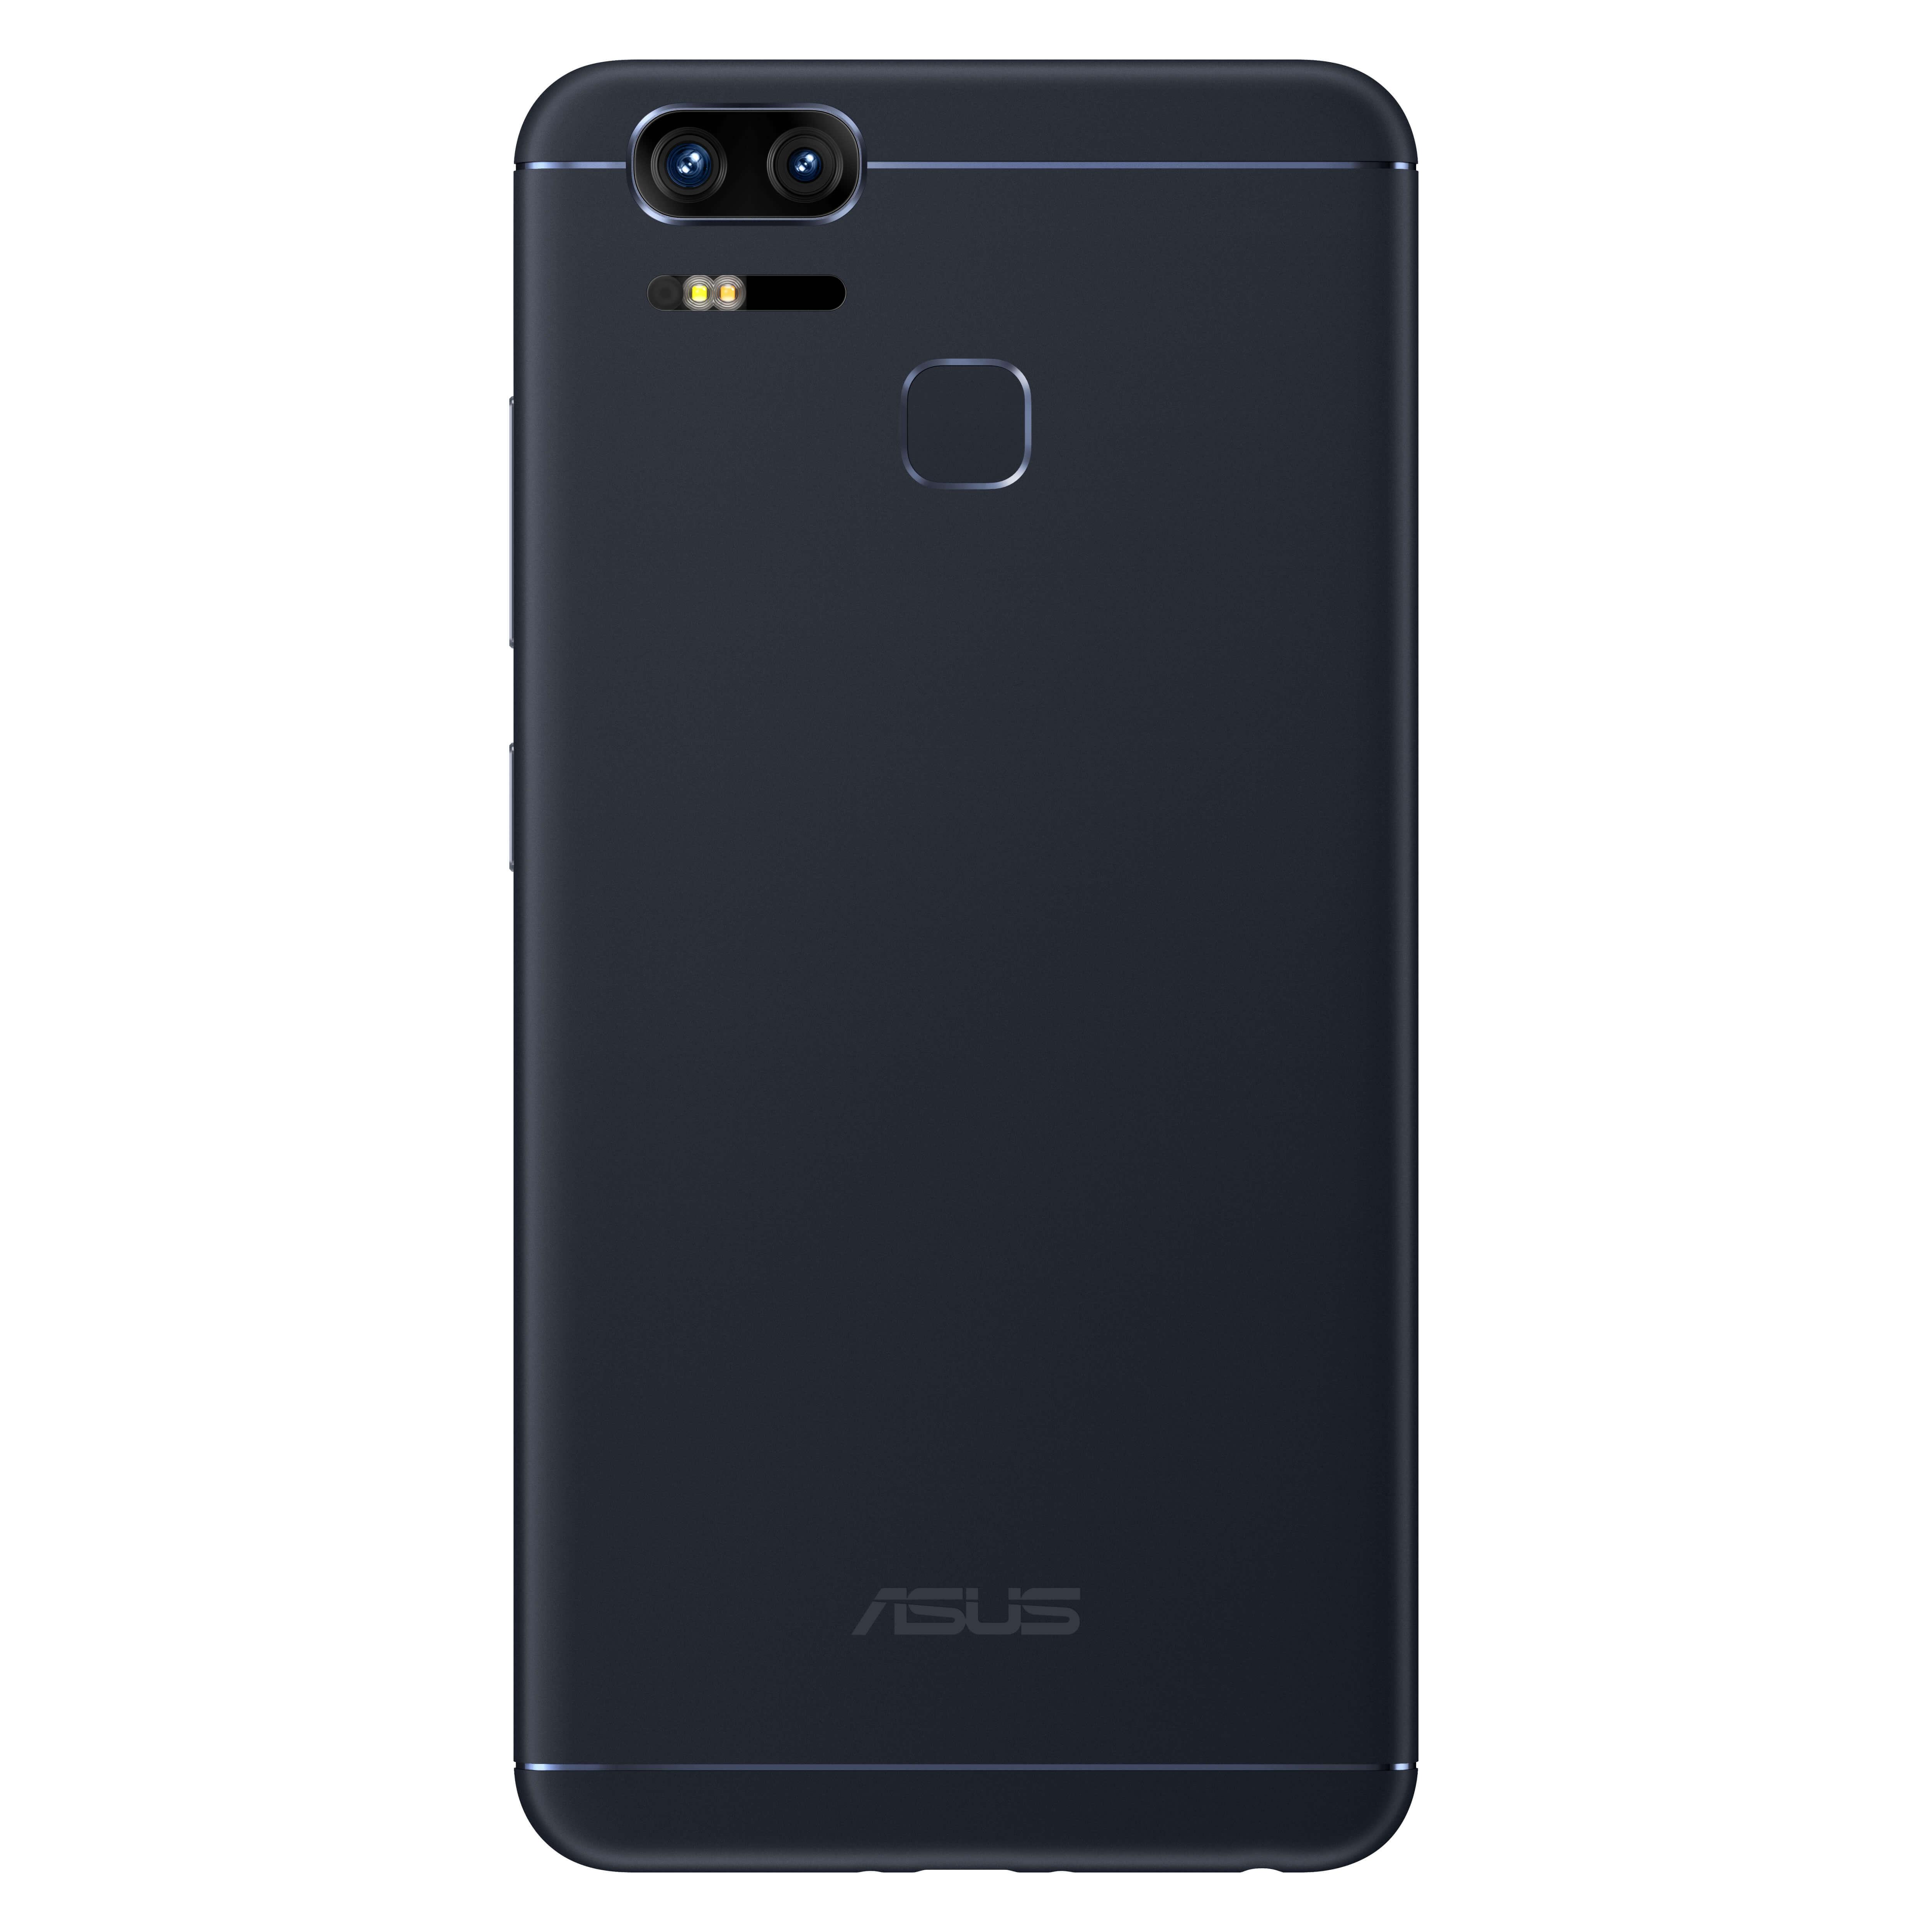 Asus Zenfone 3 Zoom (ZE553KL) – Zenfone Zoom S – Black